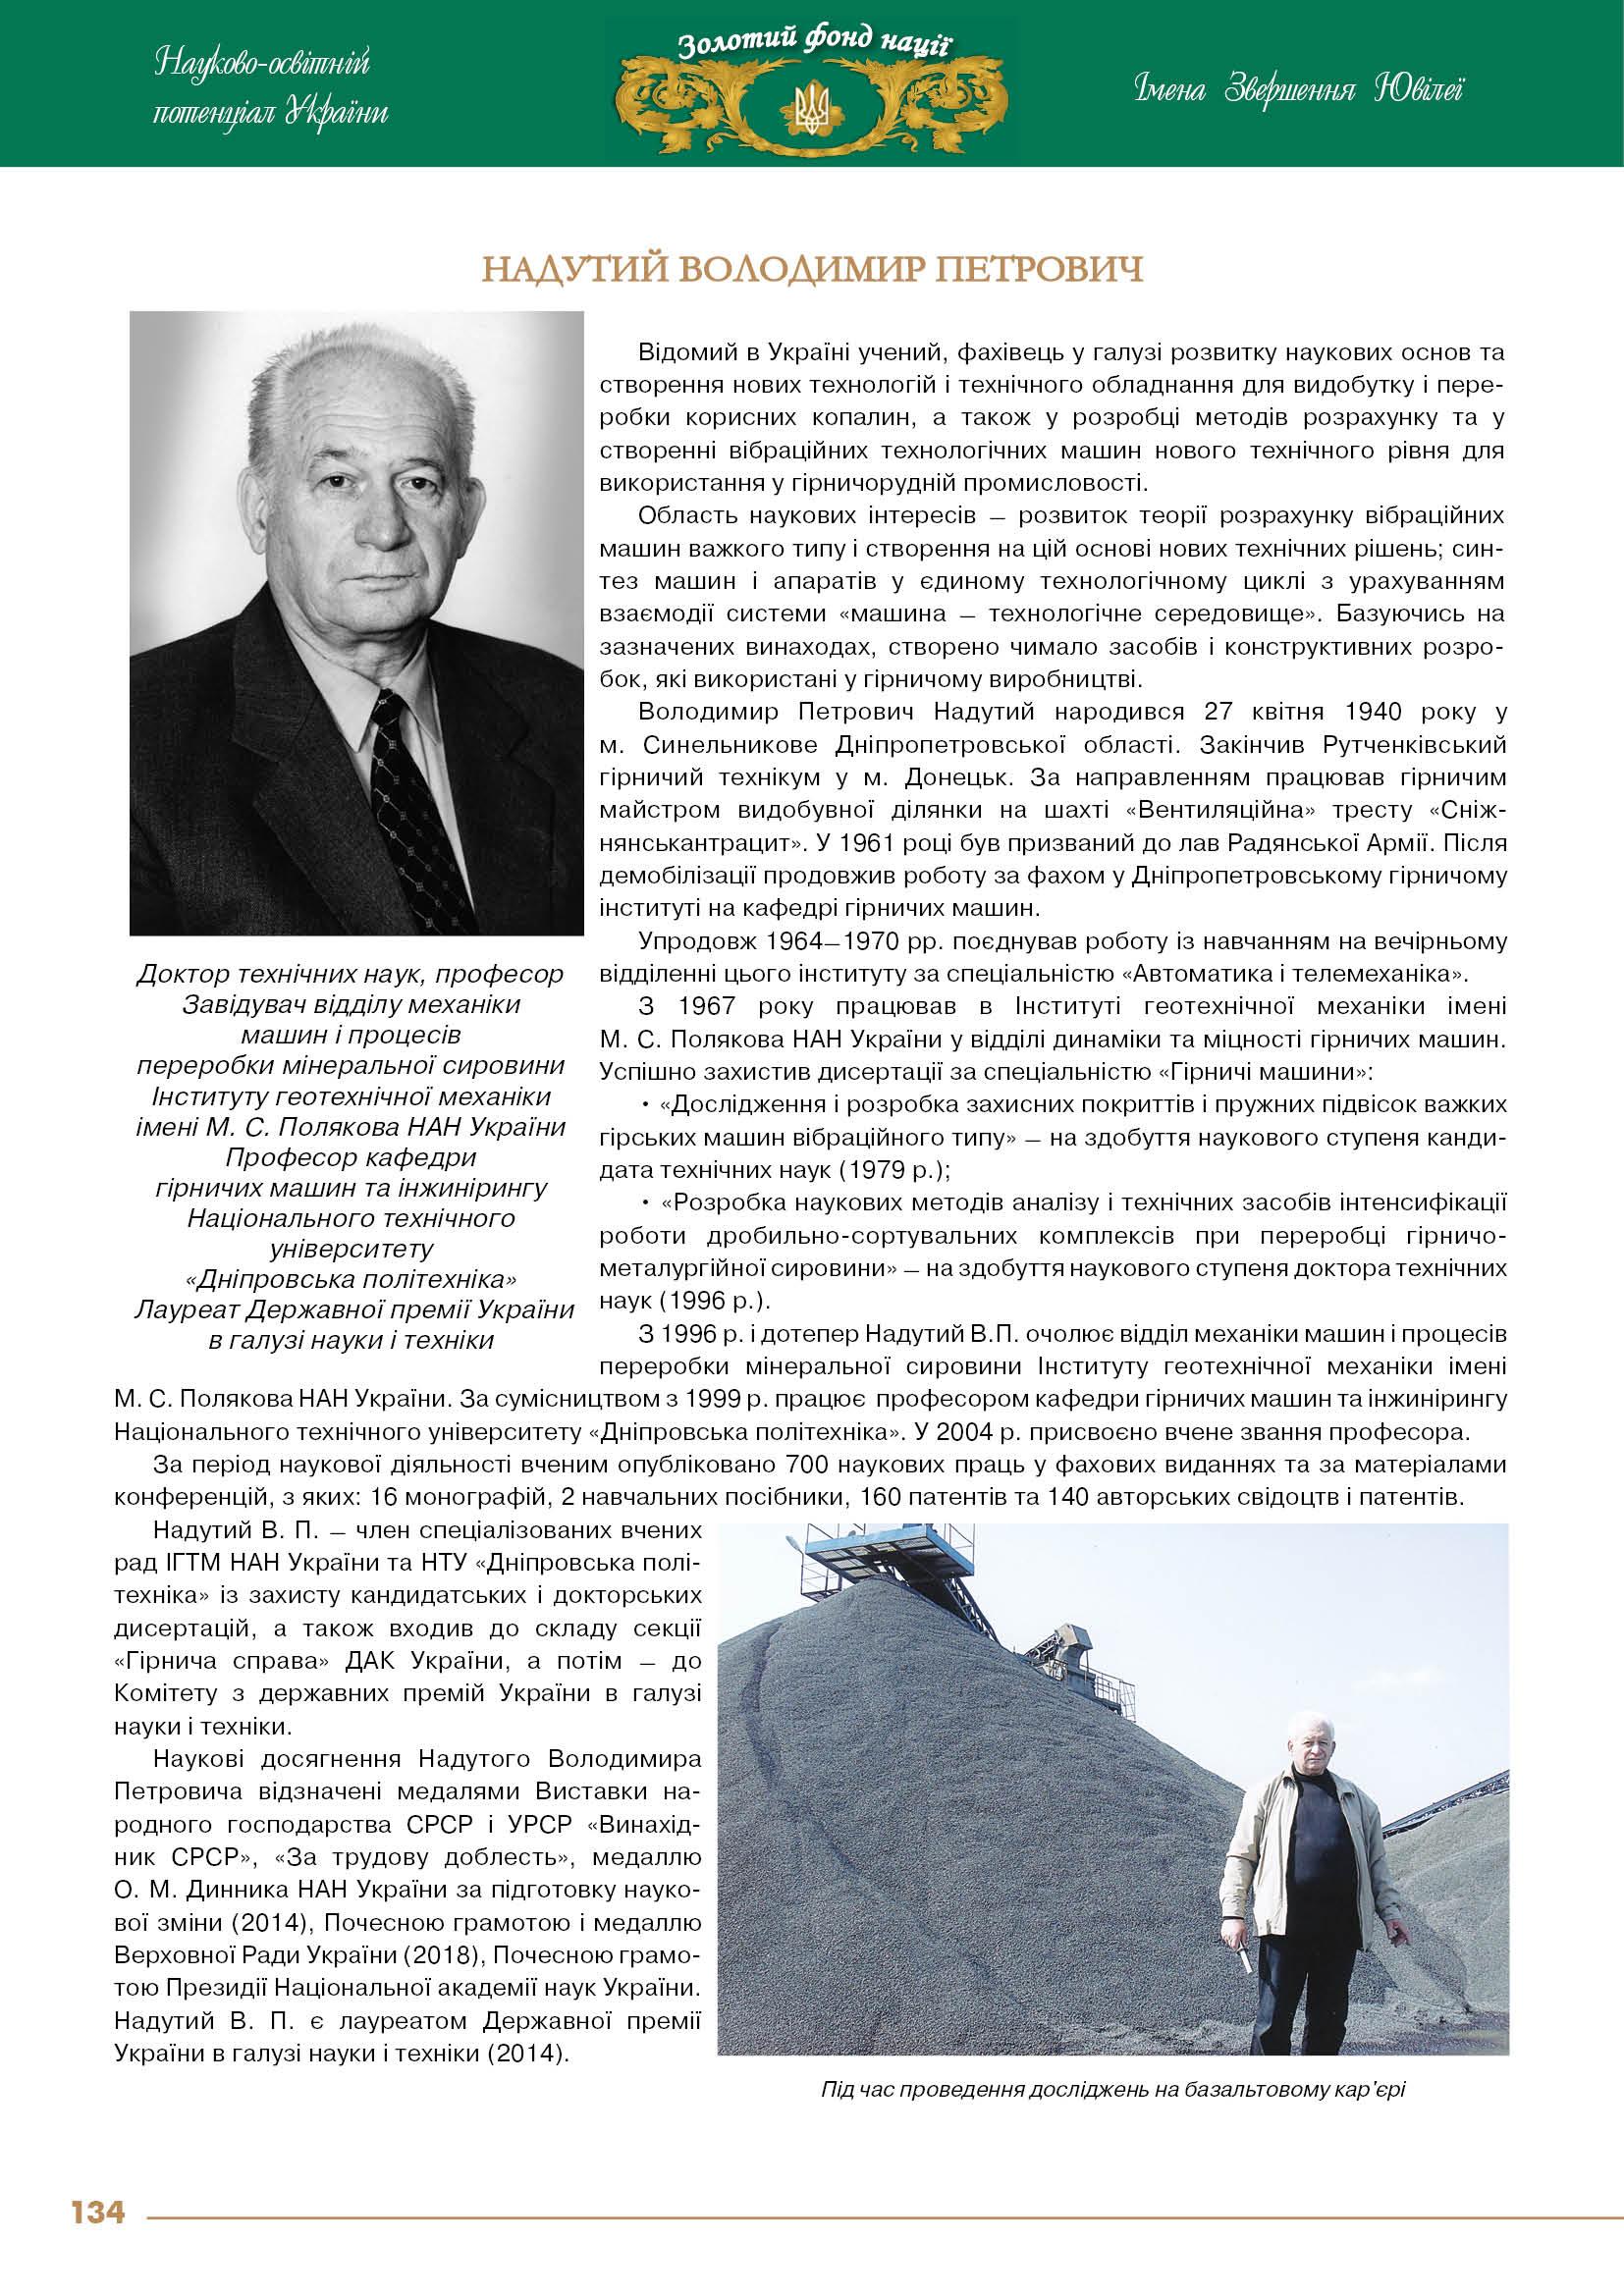 Надутий Володимир Петрович